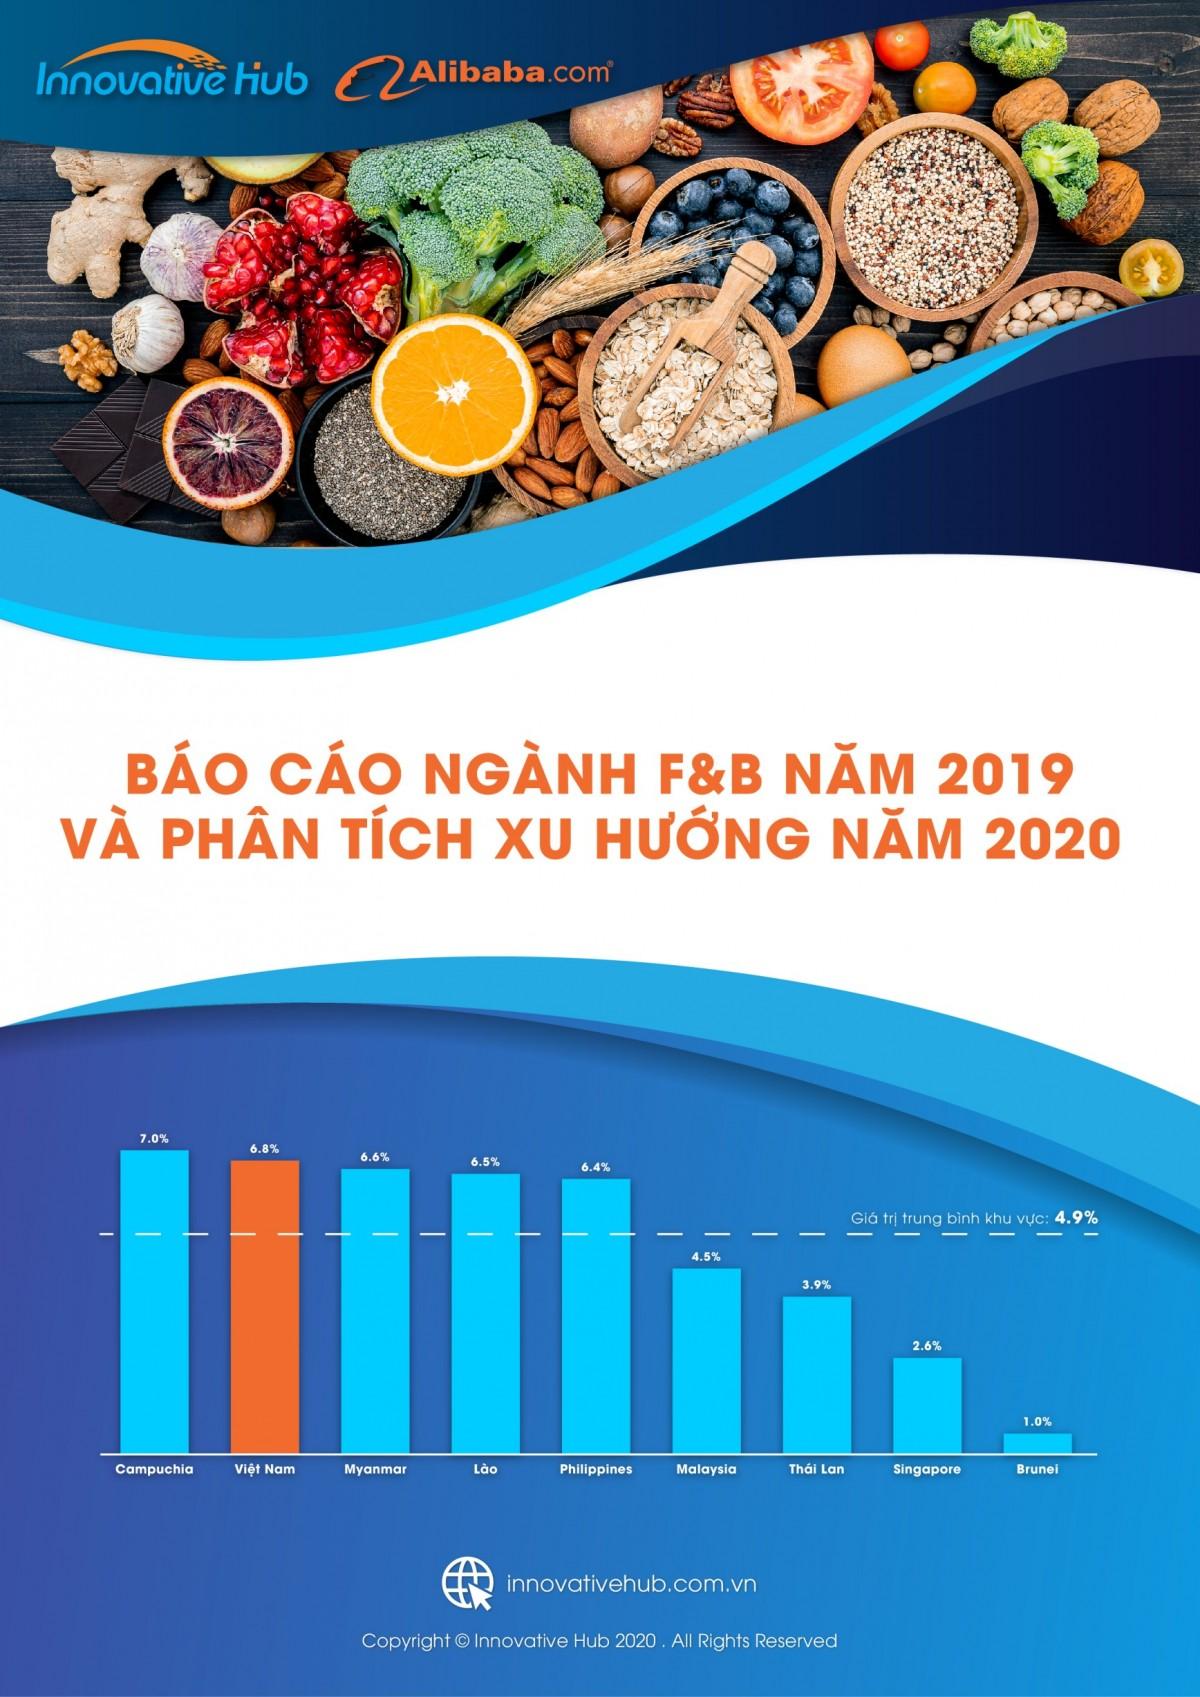 Báo cáo ngành F&B năm 2019 và phân tích xu hướng năm 2020